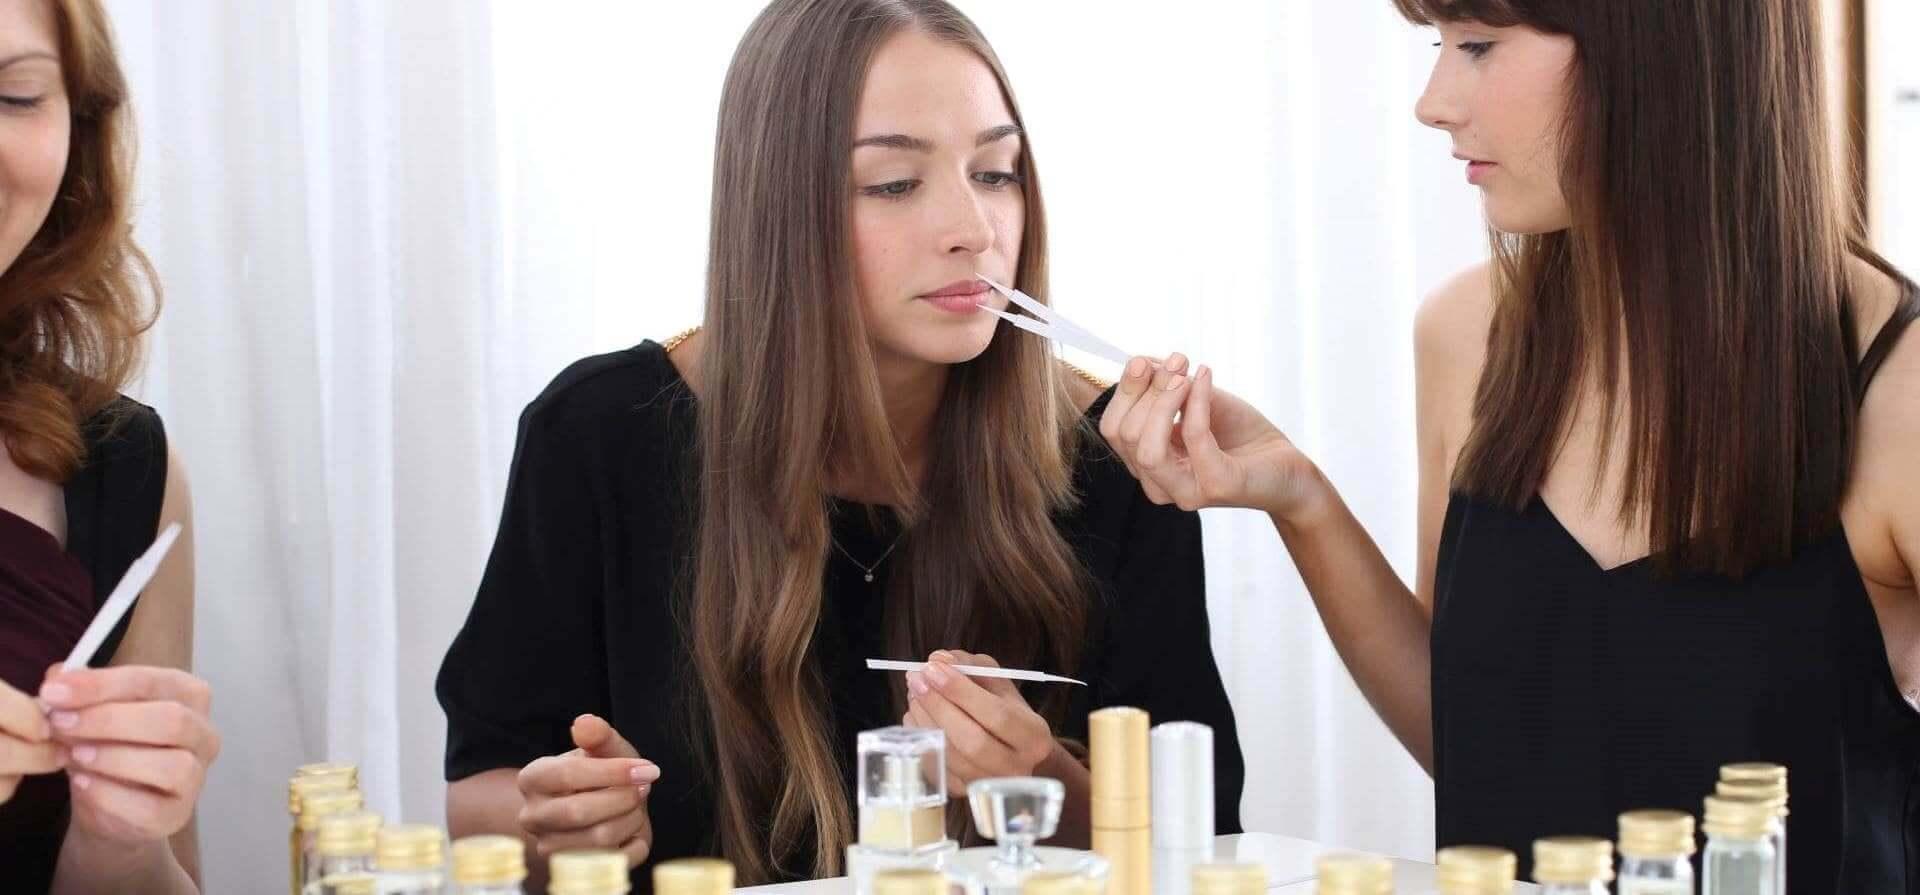 چرا با گذشتن تاریخ انقضا بوی عطر شما تغییر میکند؟